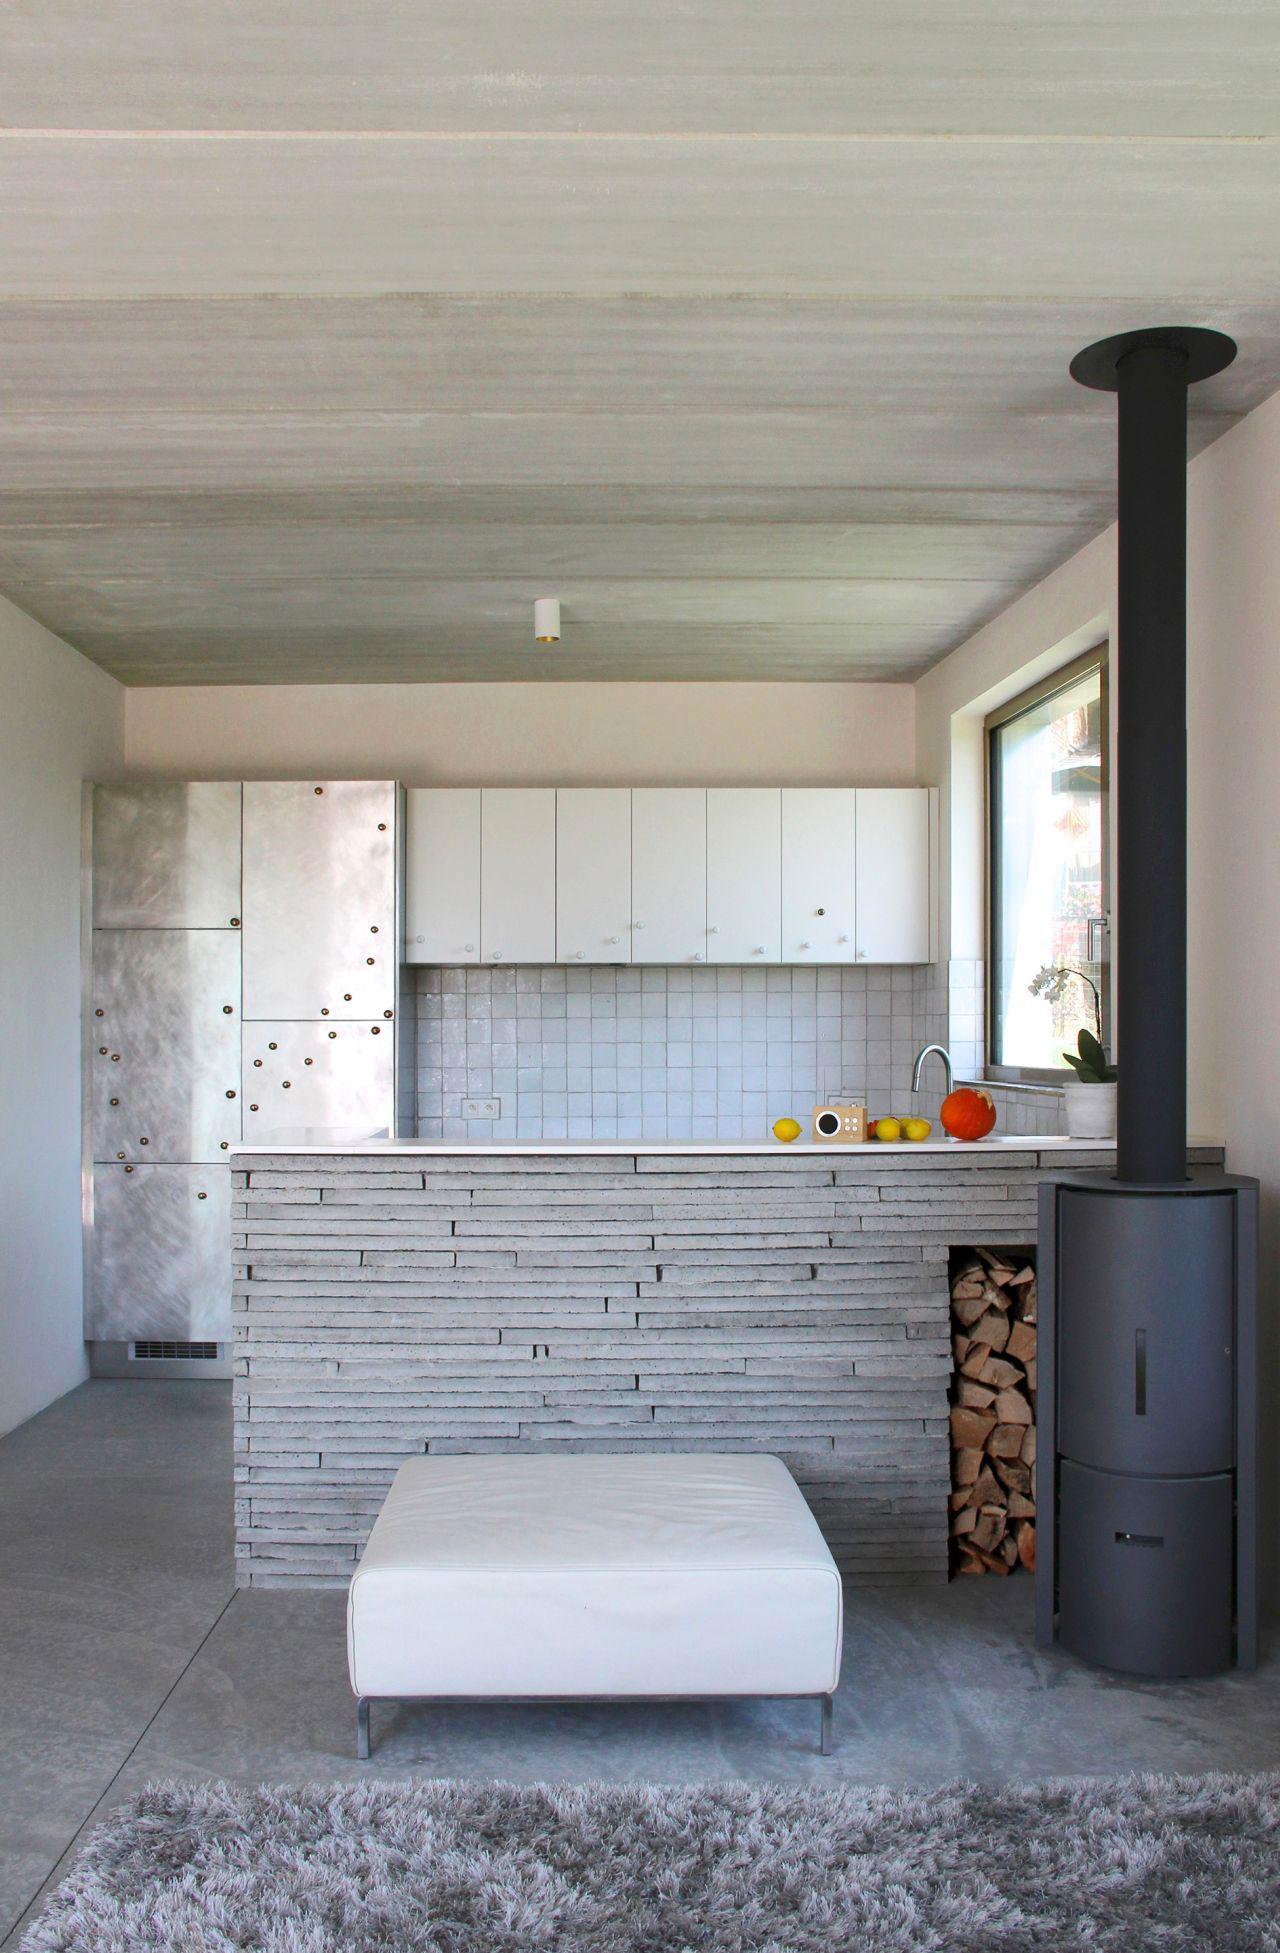 Роскошный интерьер кухни в загородном доме - Фото 54